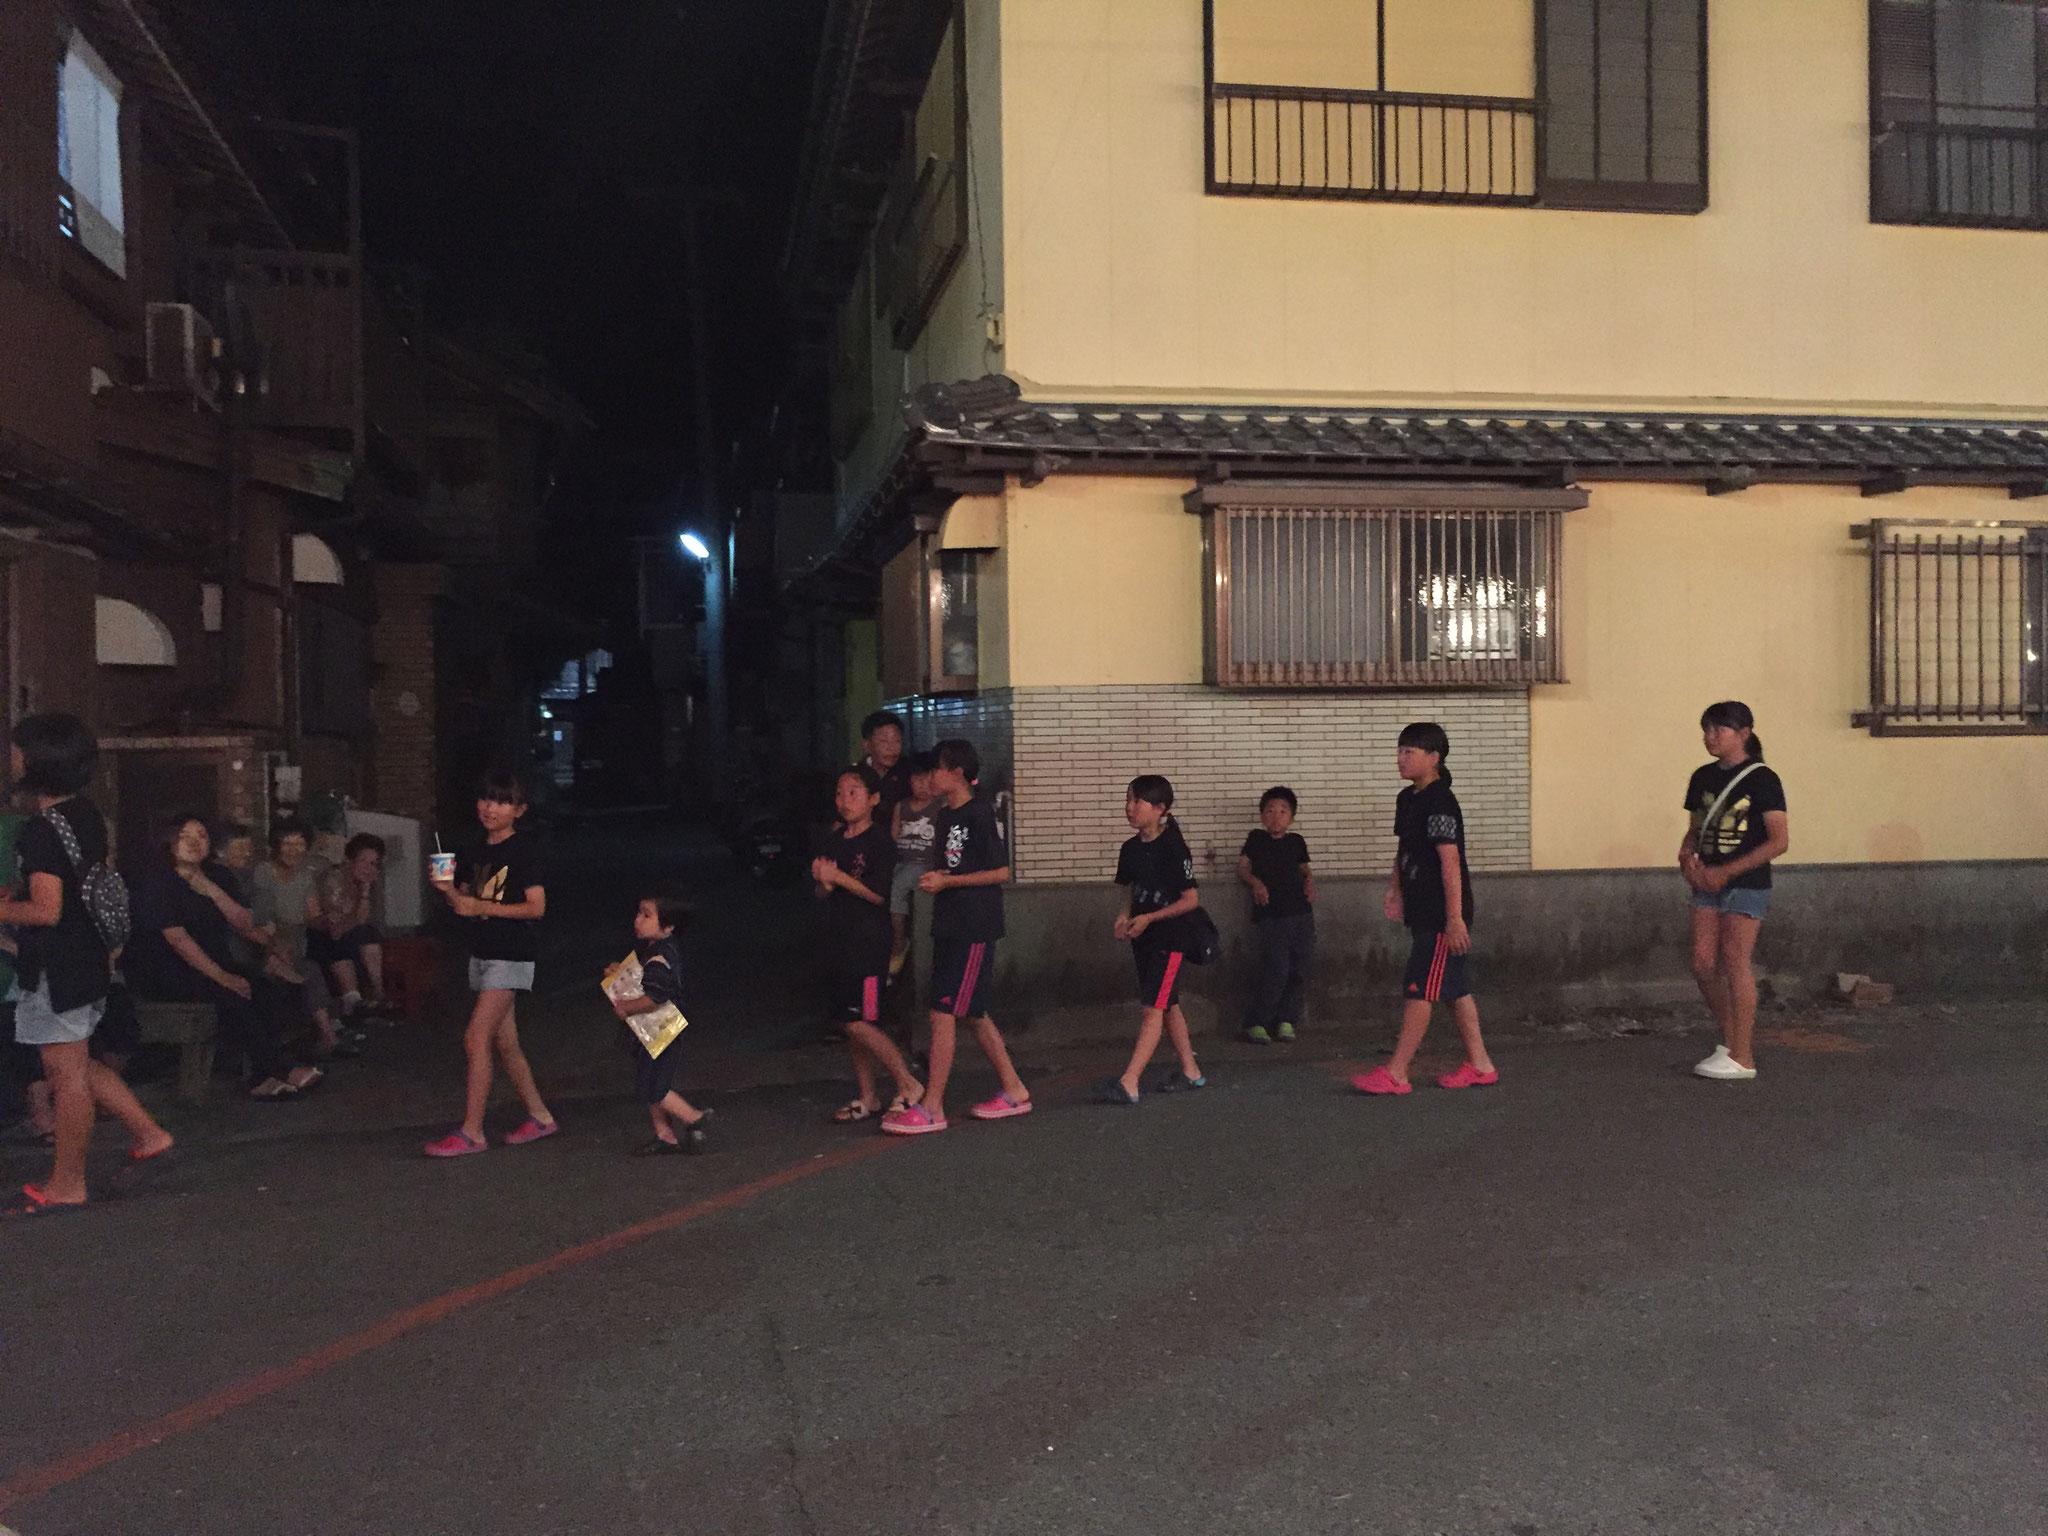 小学生も中学生も男の子も女の子も恥ずかしがらずに踊るのがよい。